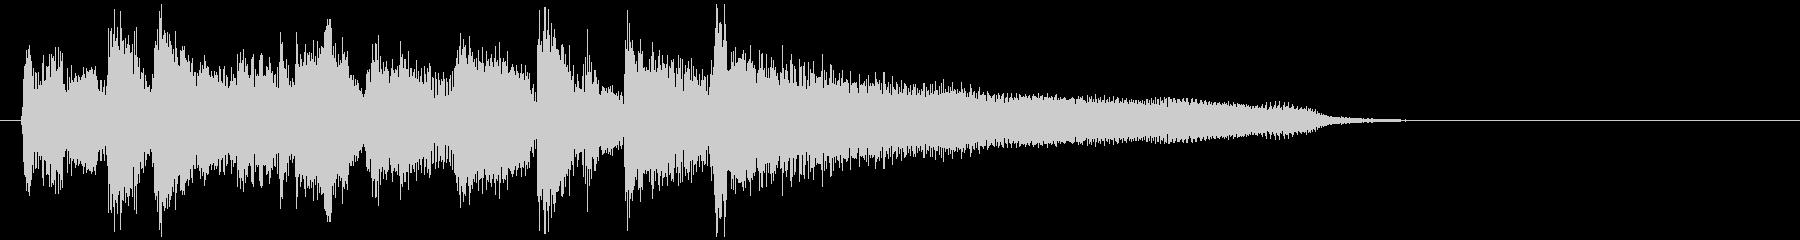 スマートでスタイリッシュなジャズ系ロゴの未再生の波形